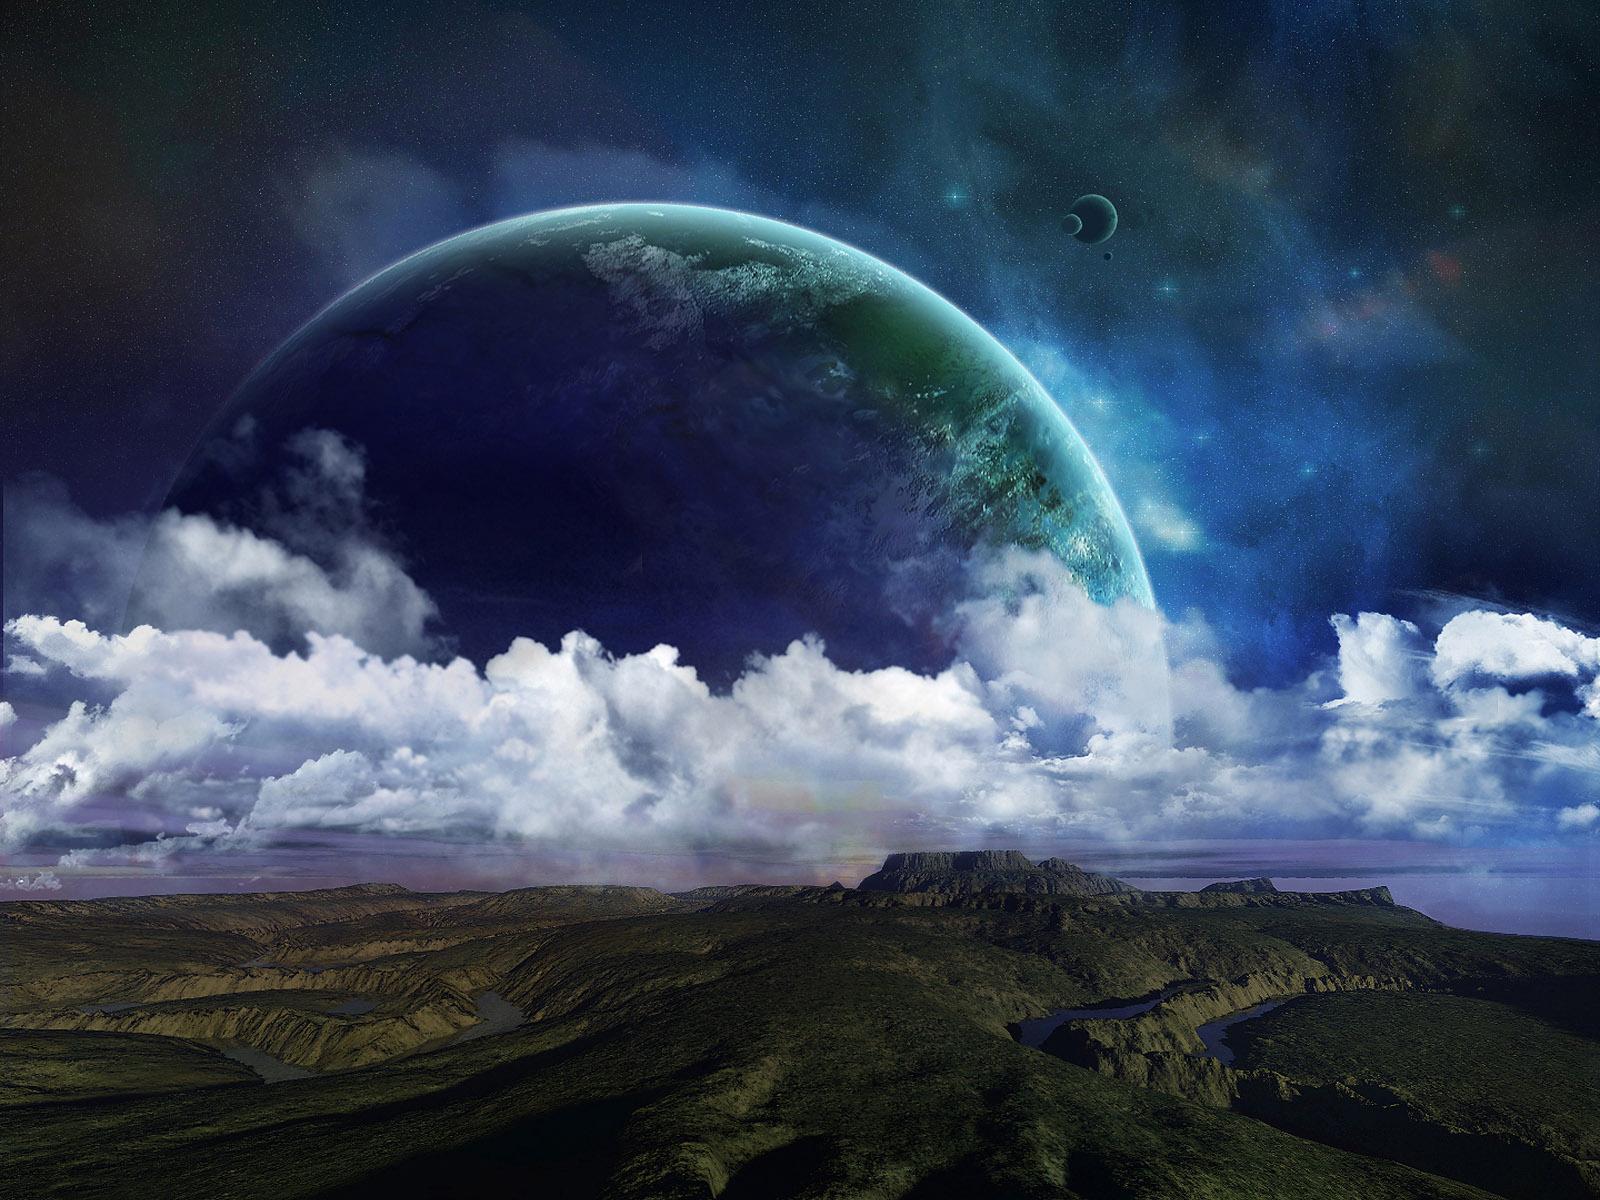 http://3.bp.blogspot.com/_PRykg8m7mUA/S-_9wkuXzaI/AAAAAAAAATg/LjgzS6Qeg1c/s1600/Space+Art+Wallpapers+00.jpg